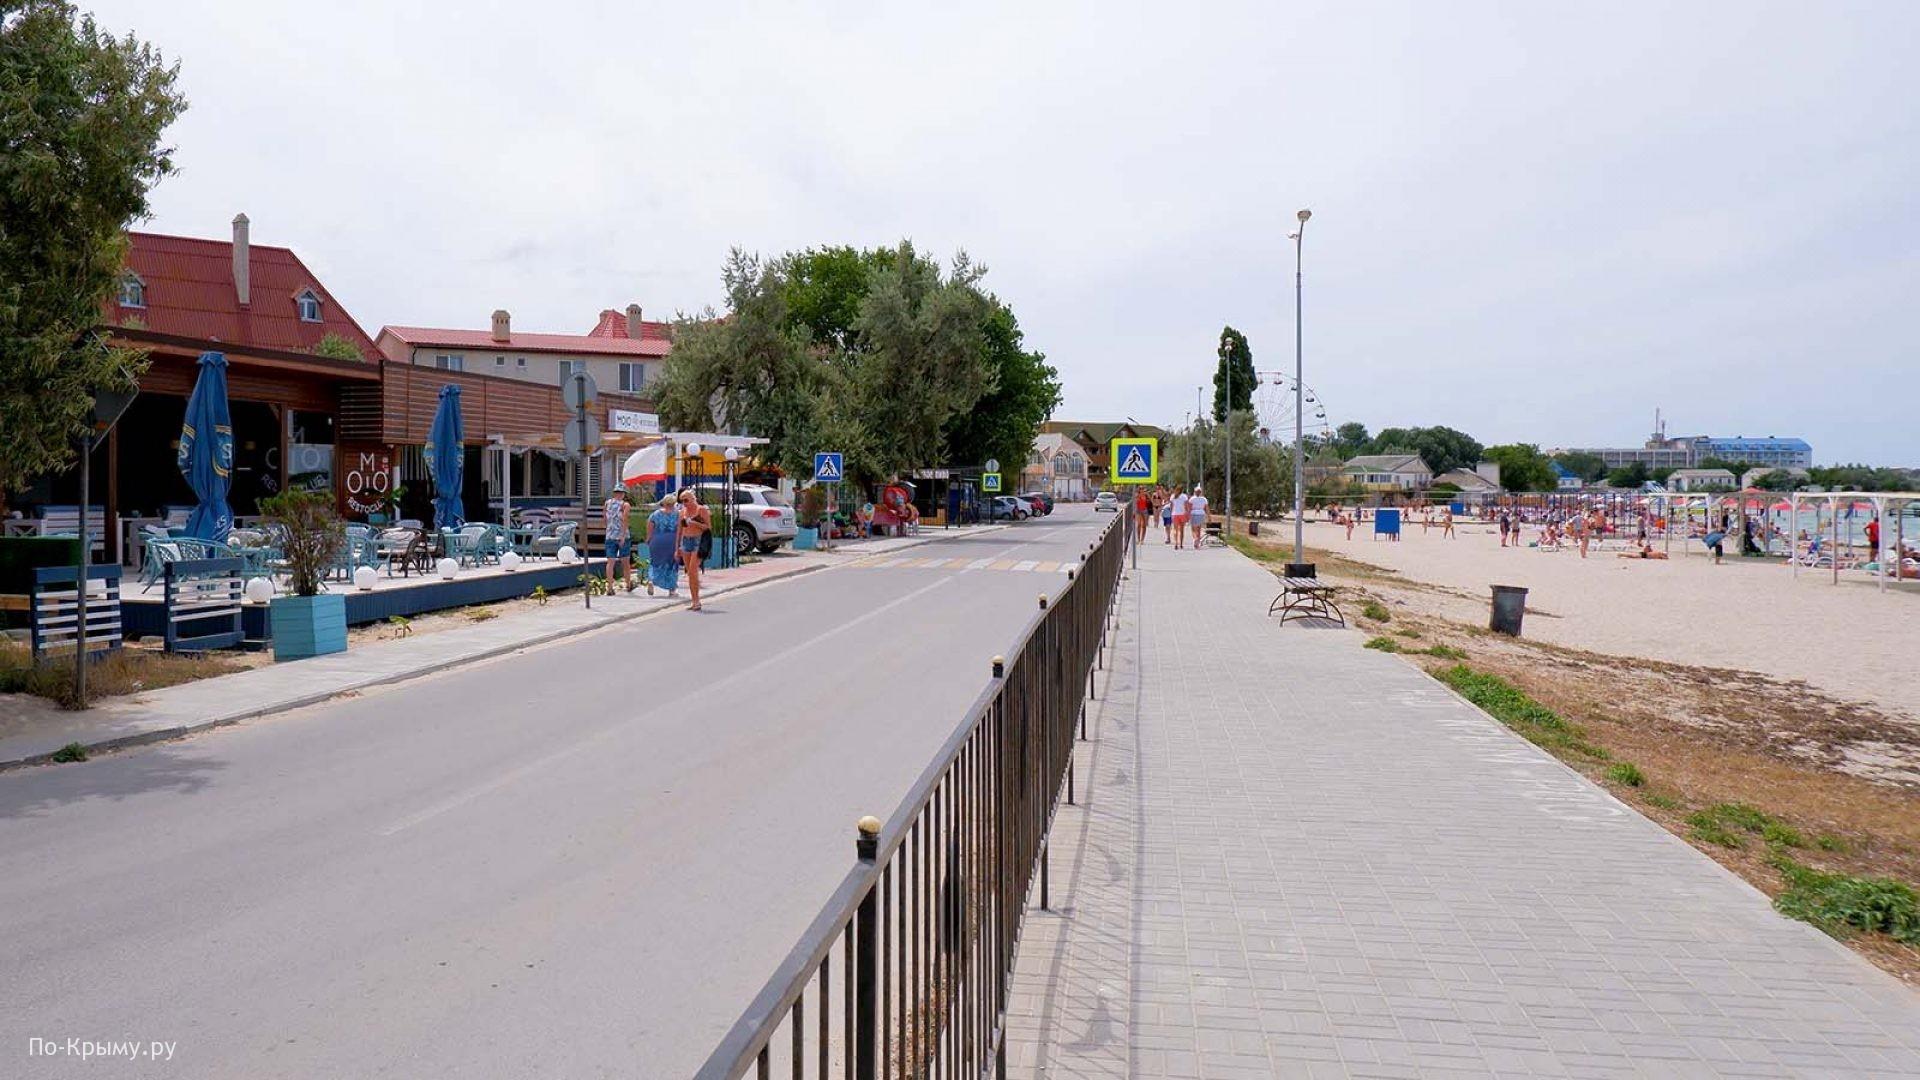 Черноморская набережная, пляж